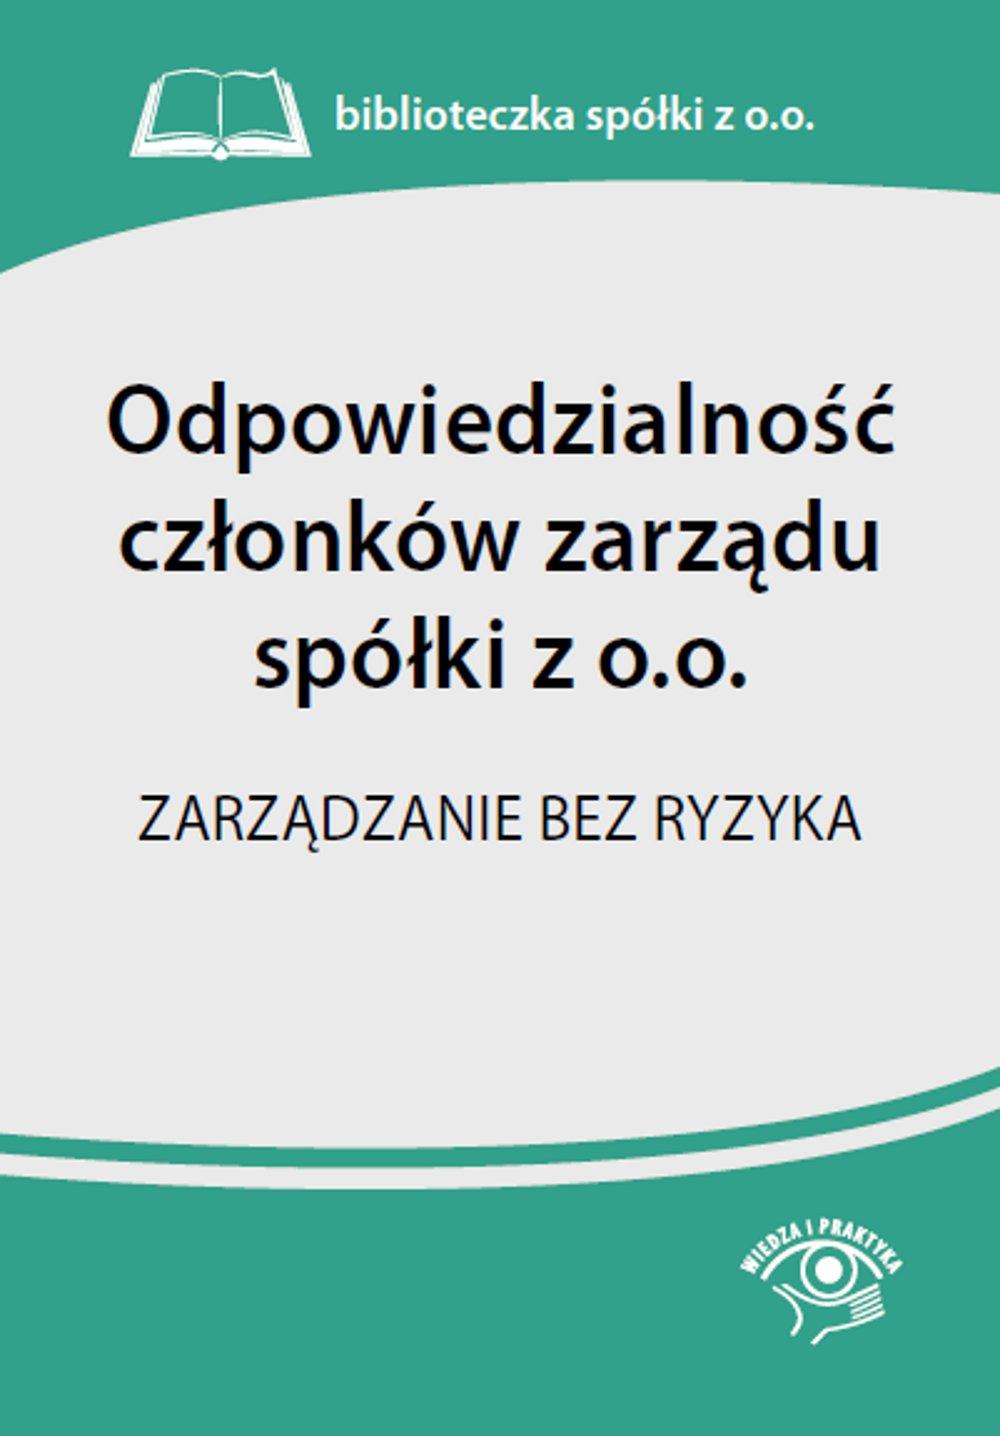 Odpowiedzialność członków zarządu spółki z o.o. Zarządzanie bez ryzyka - Ebook (Książka EPUB) do pobrania w formacie EPUB